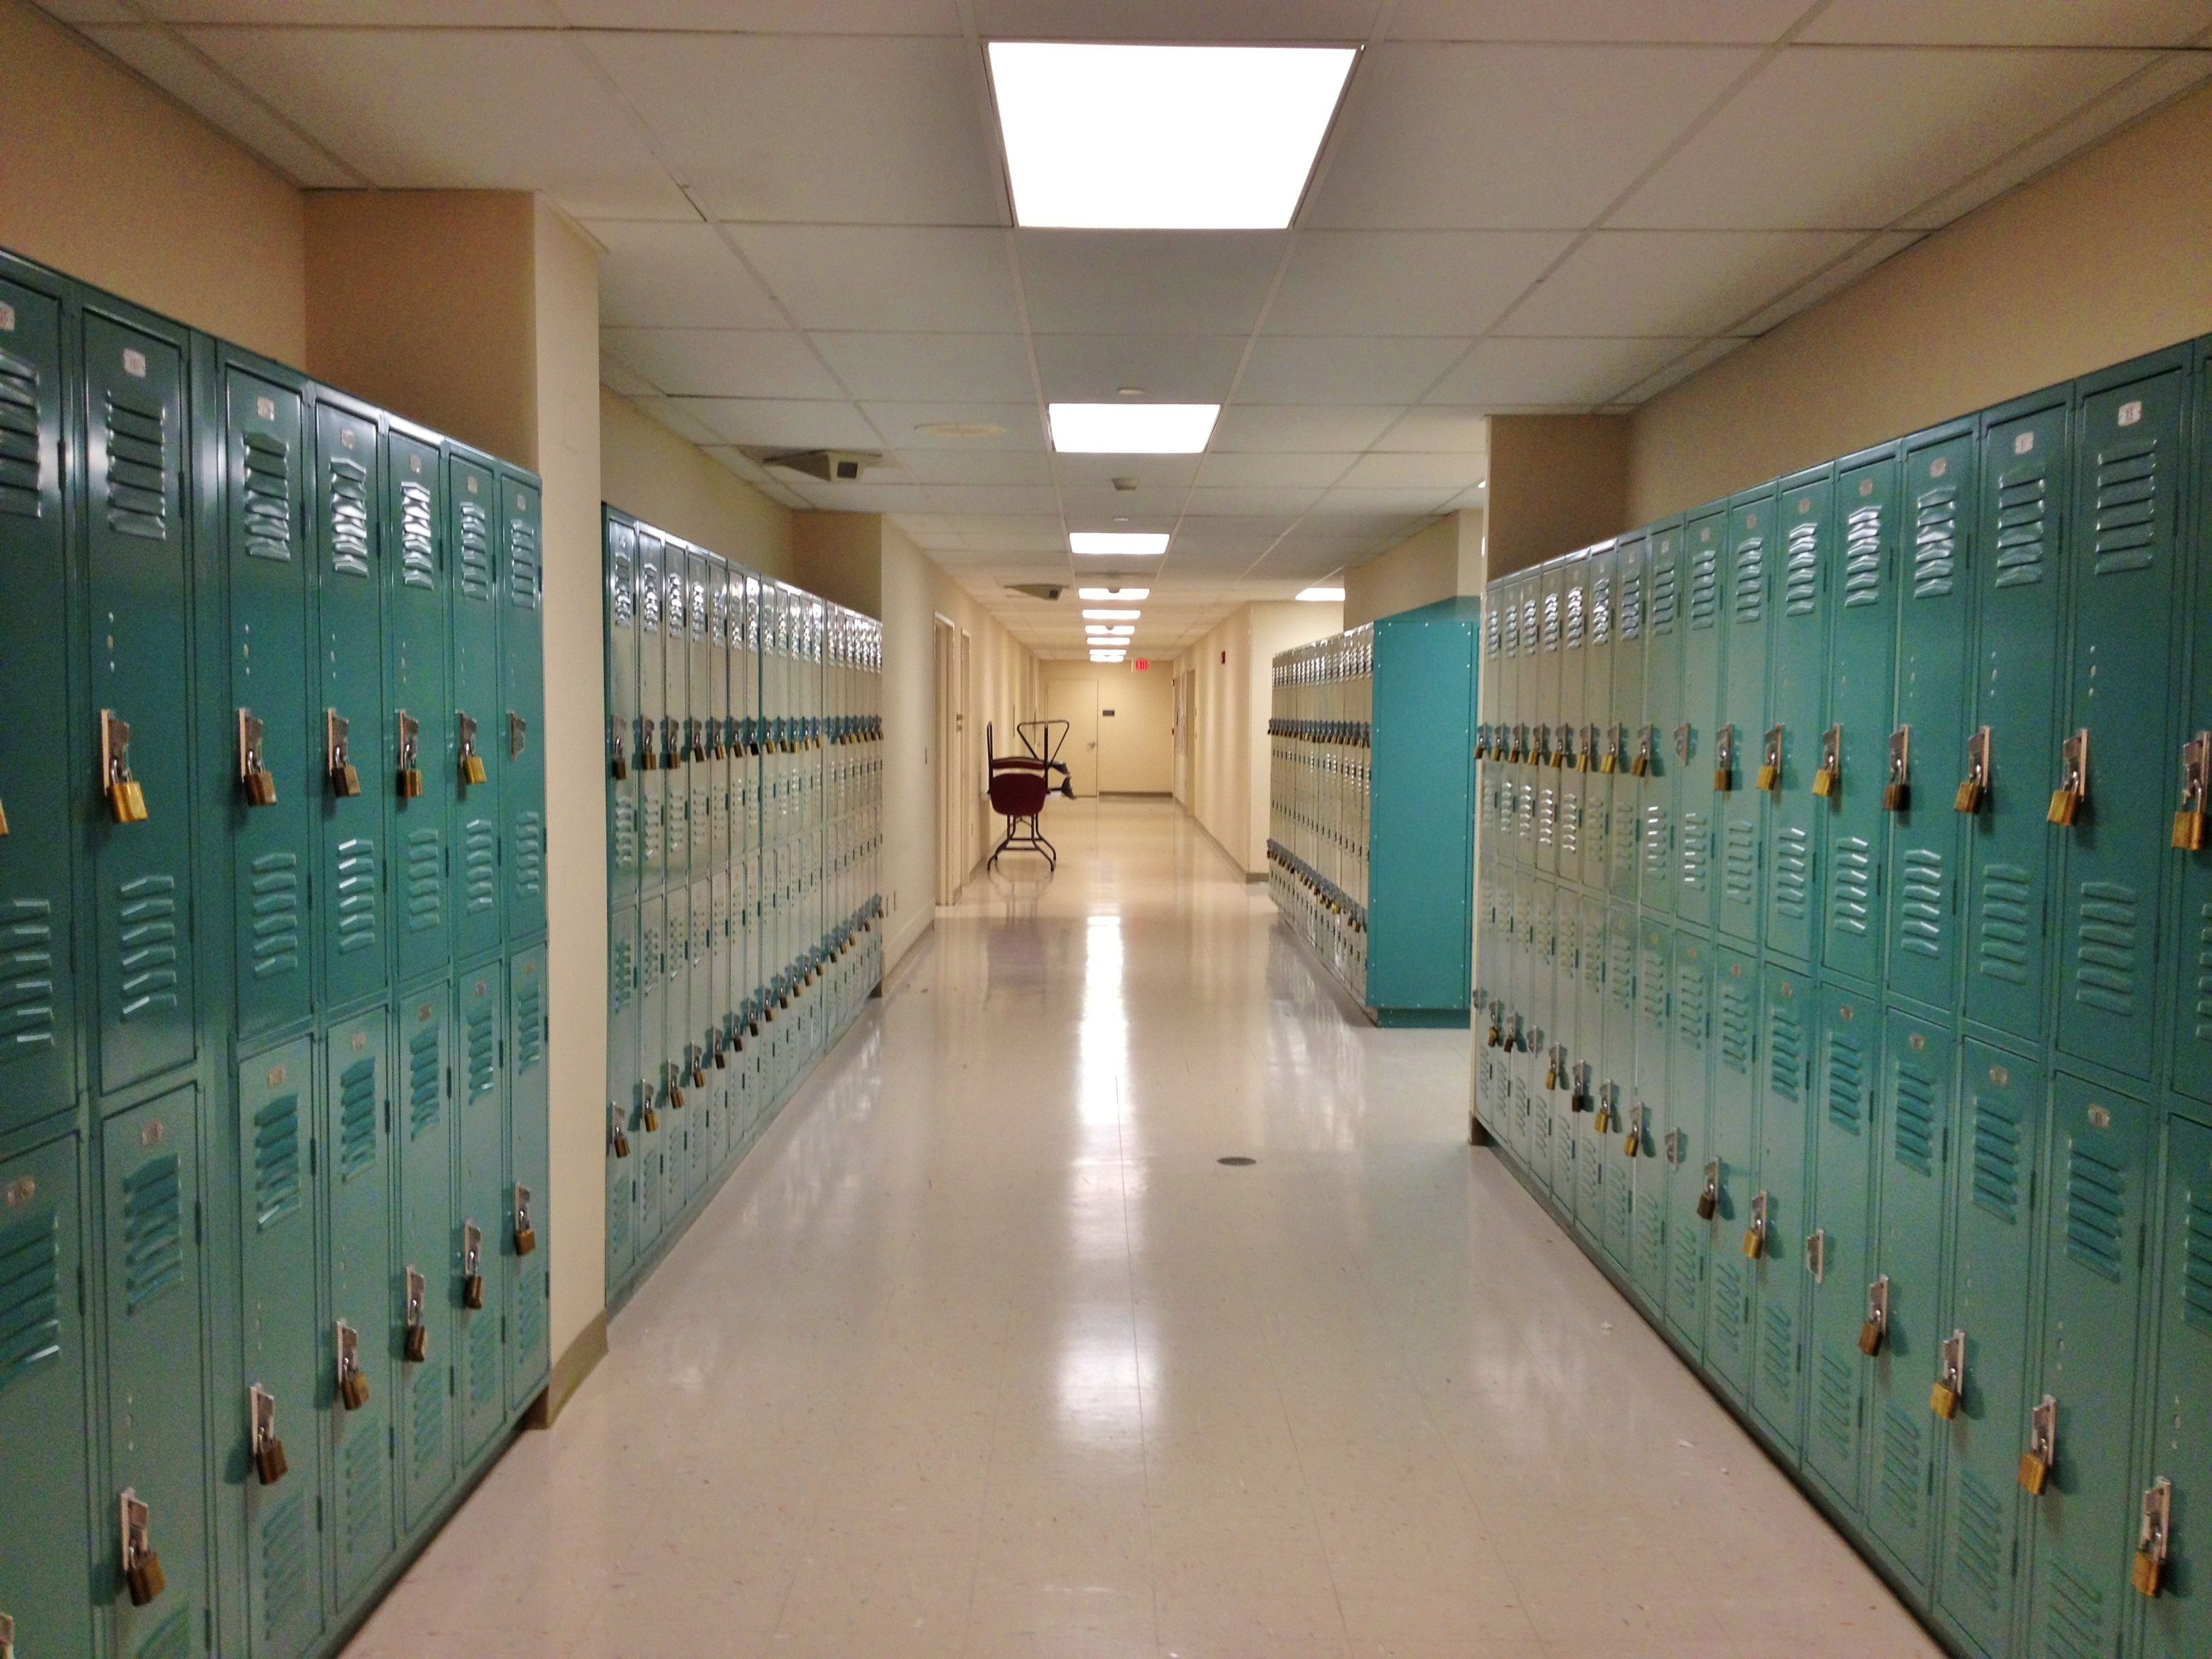 High School. Shutterstock